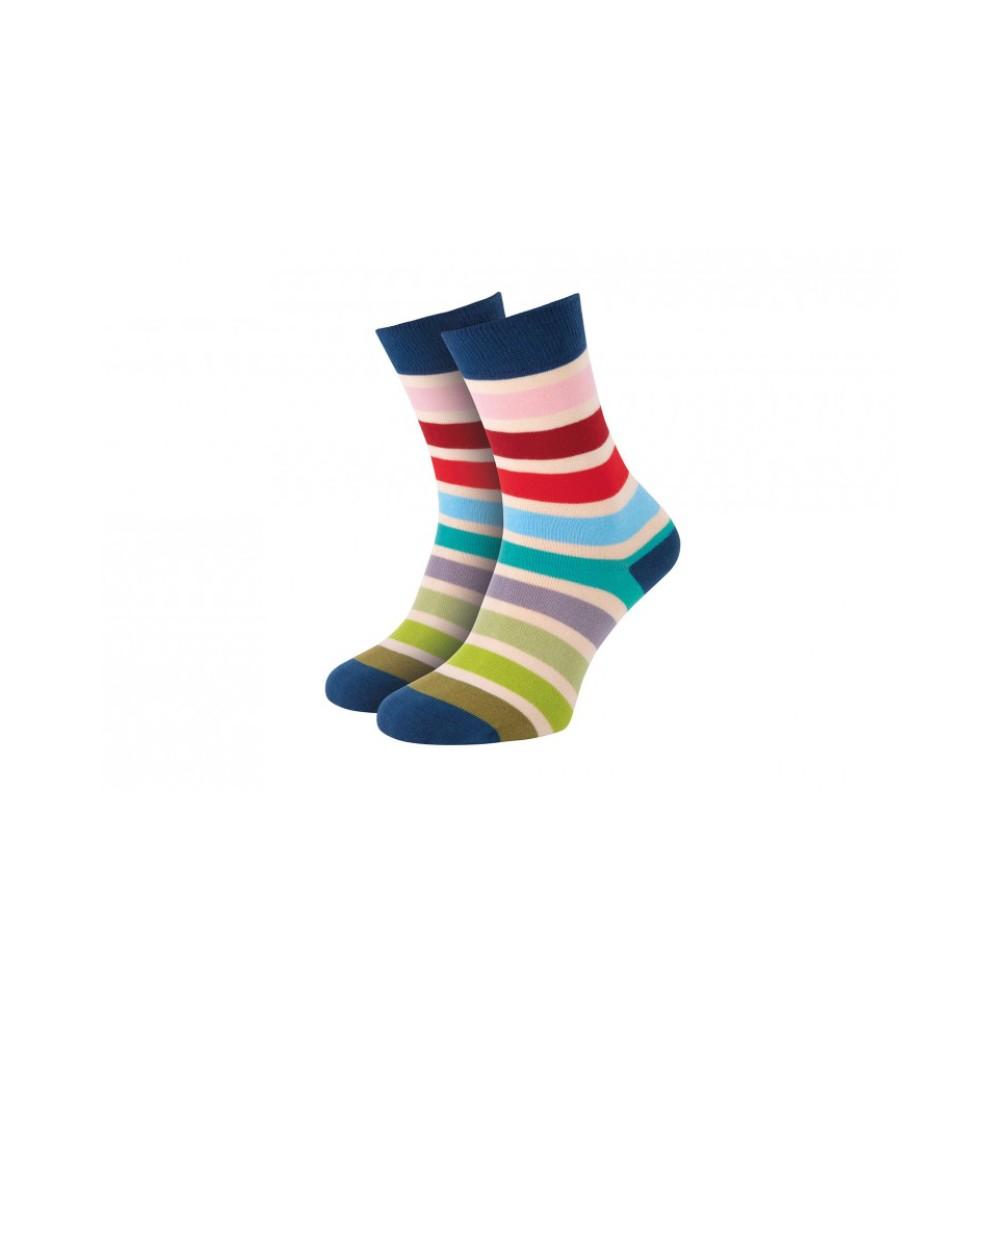 Socken bunt, Damen  von REMEMBER